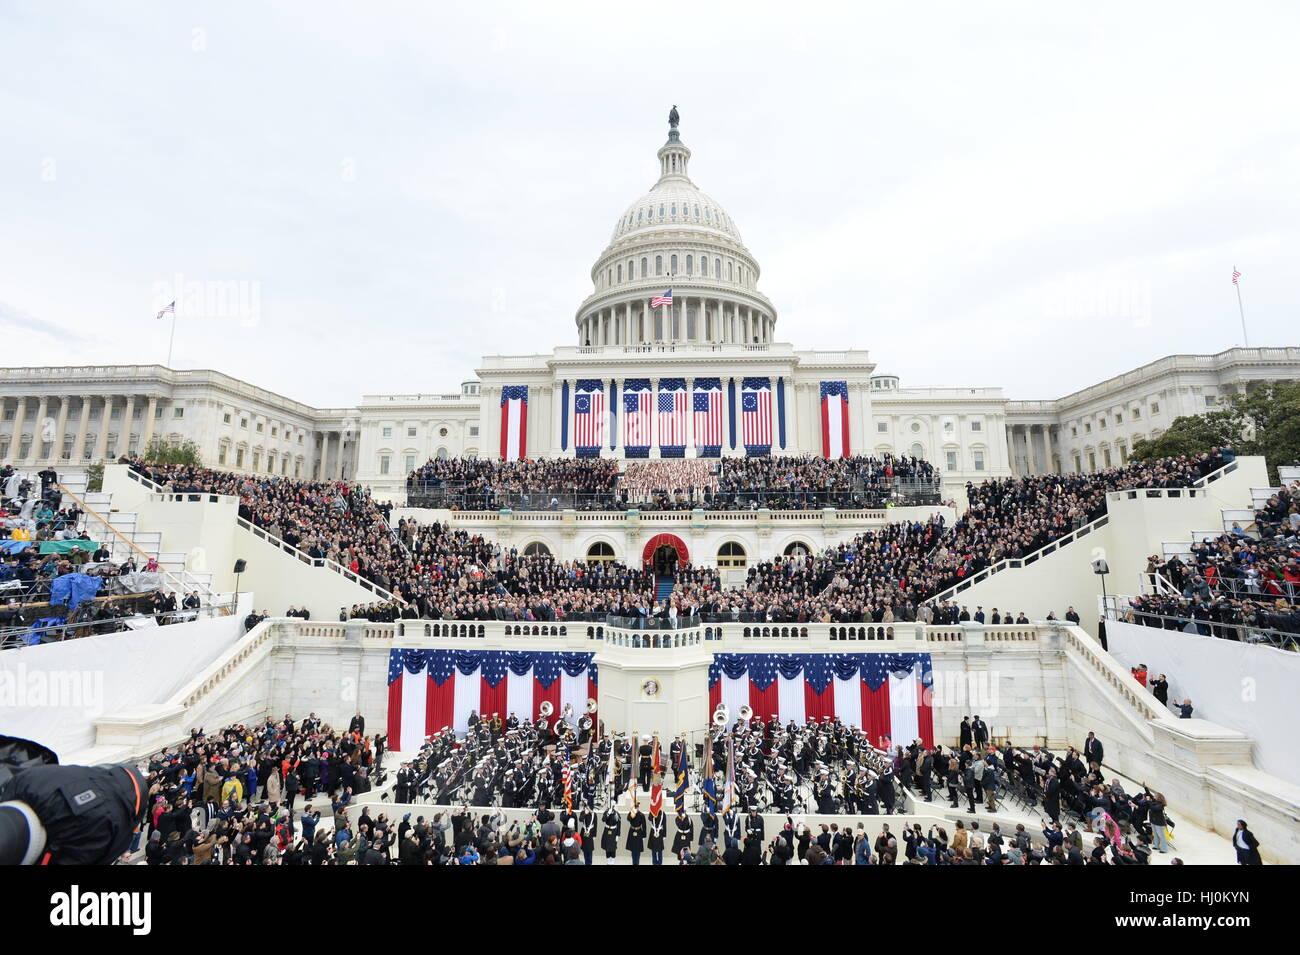 Le président Donald Trump prête le serment d'Office lors de son investiture le 20 janvier 2017 à Washington, DC, Banque D'Images